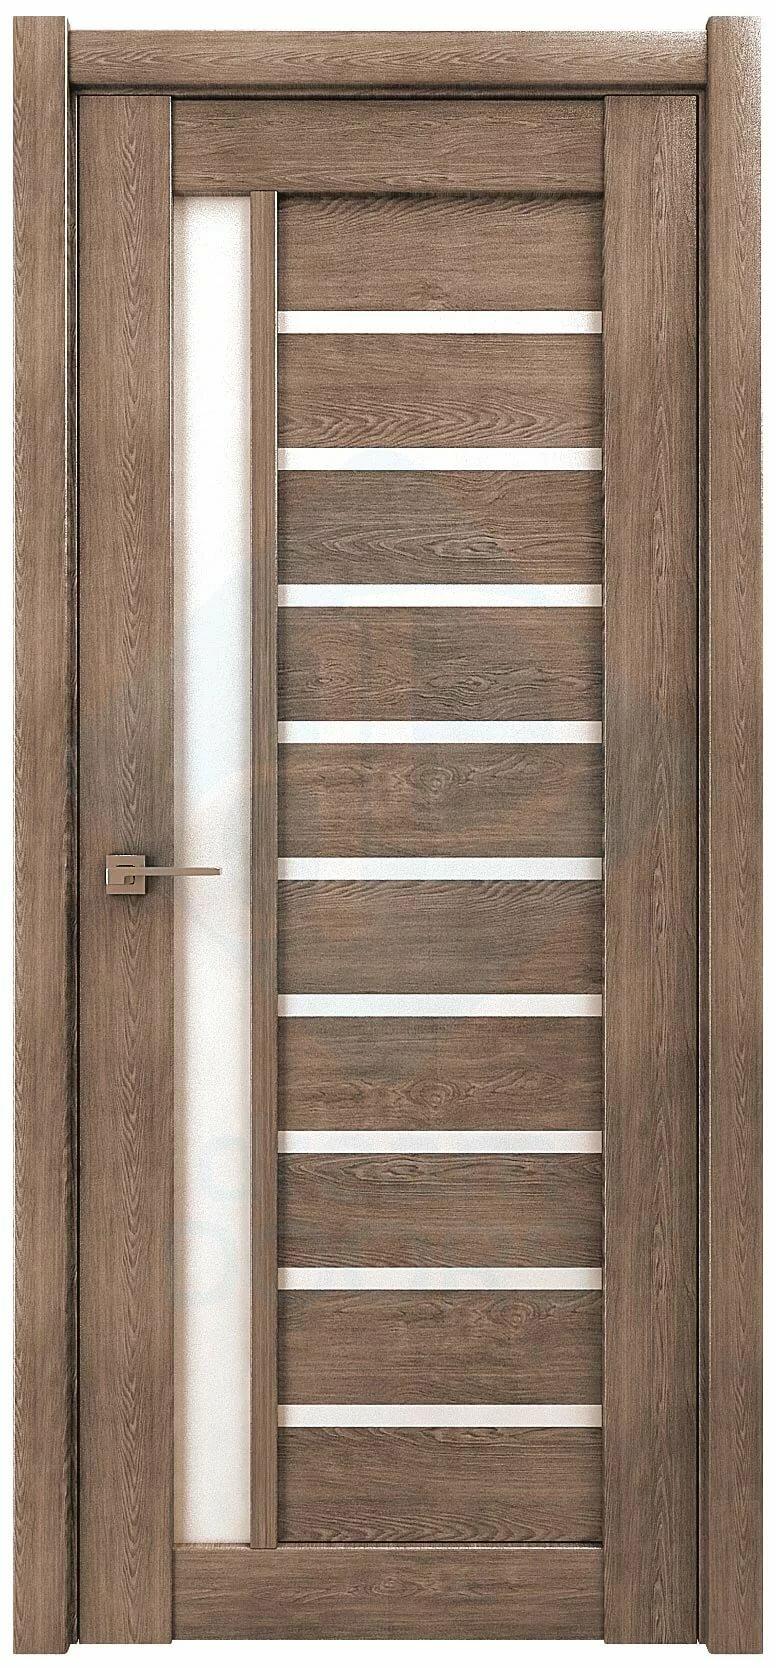 двери из экошпона в твери фото собраны, различные фото